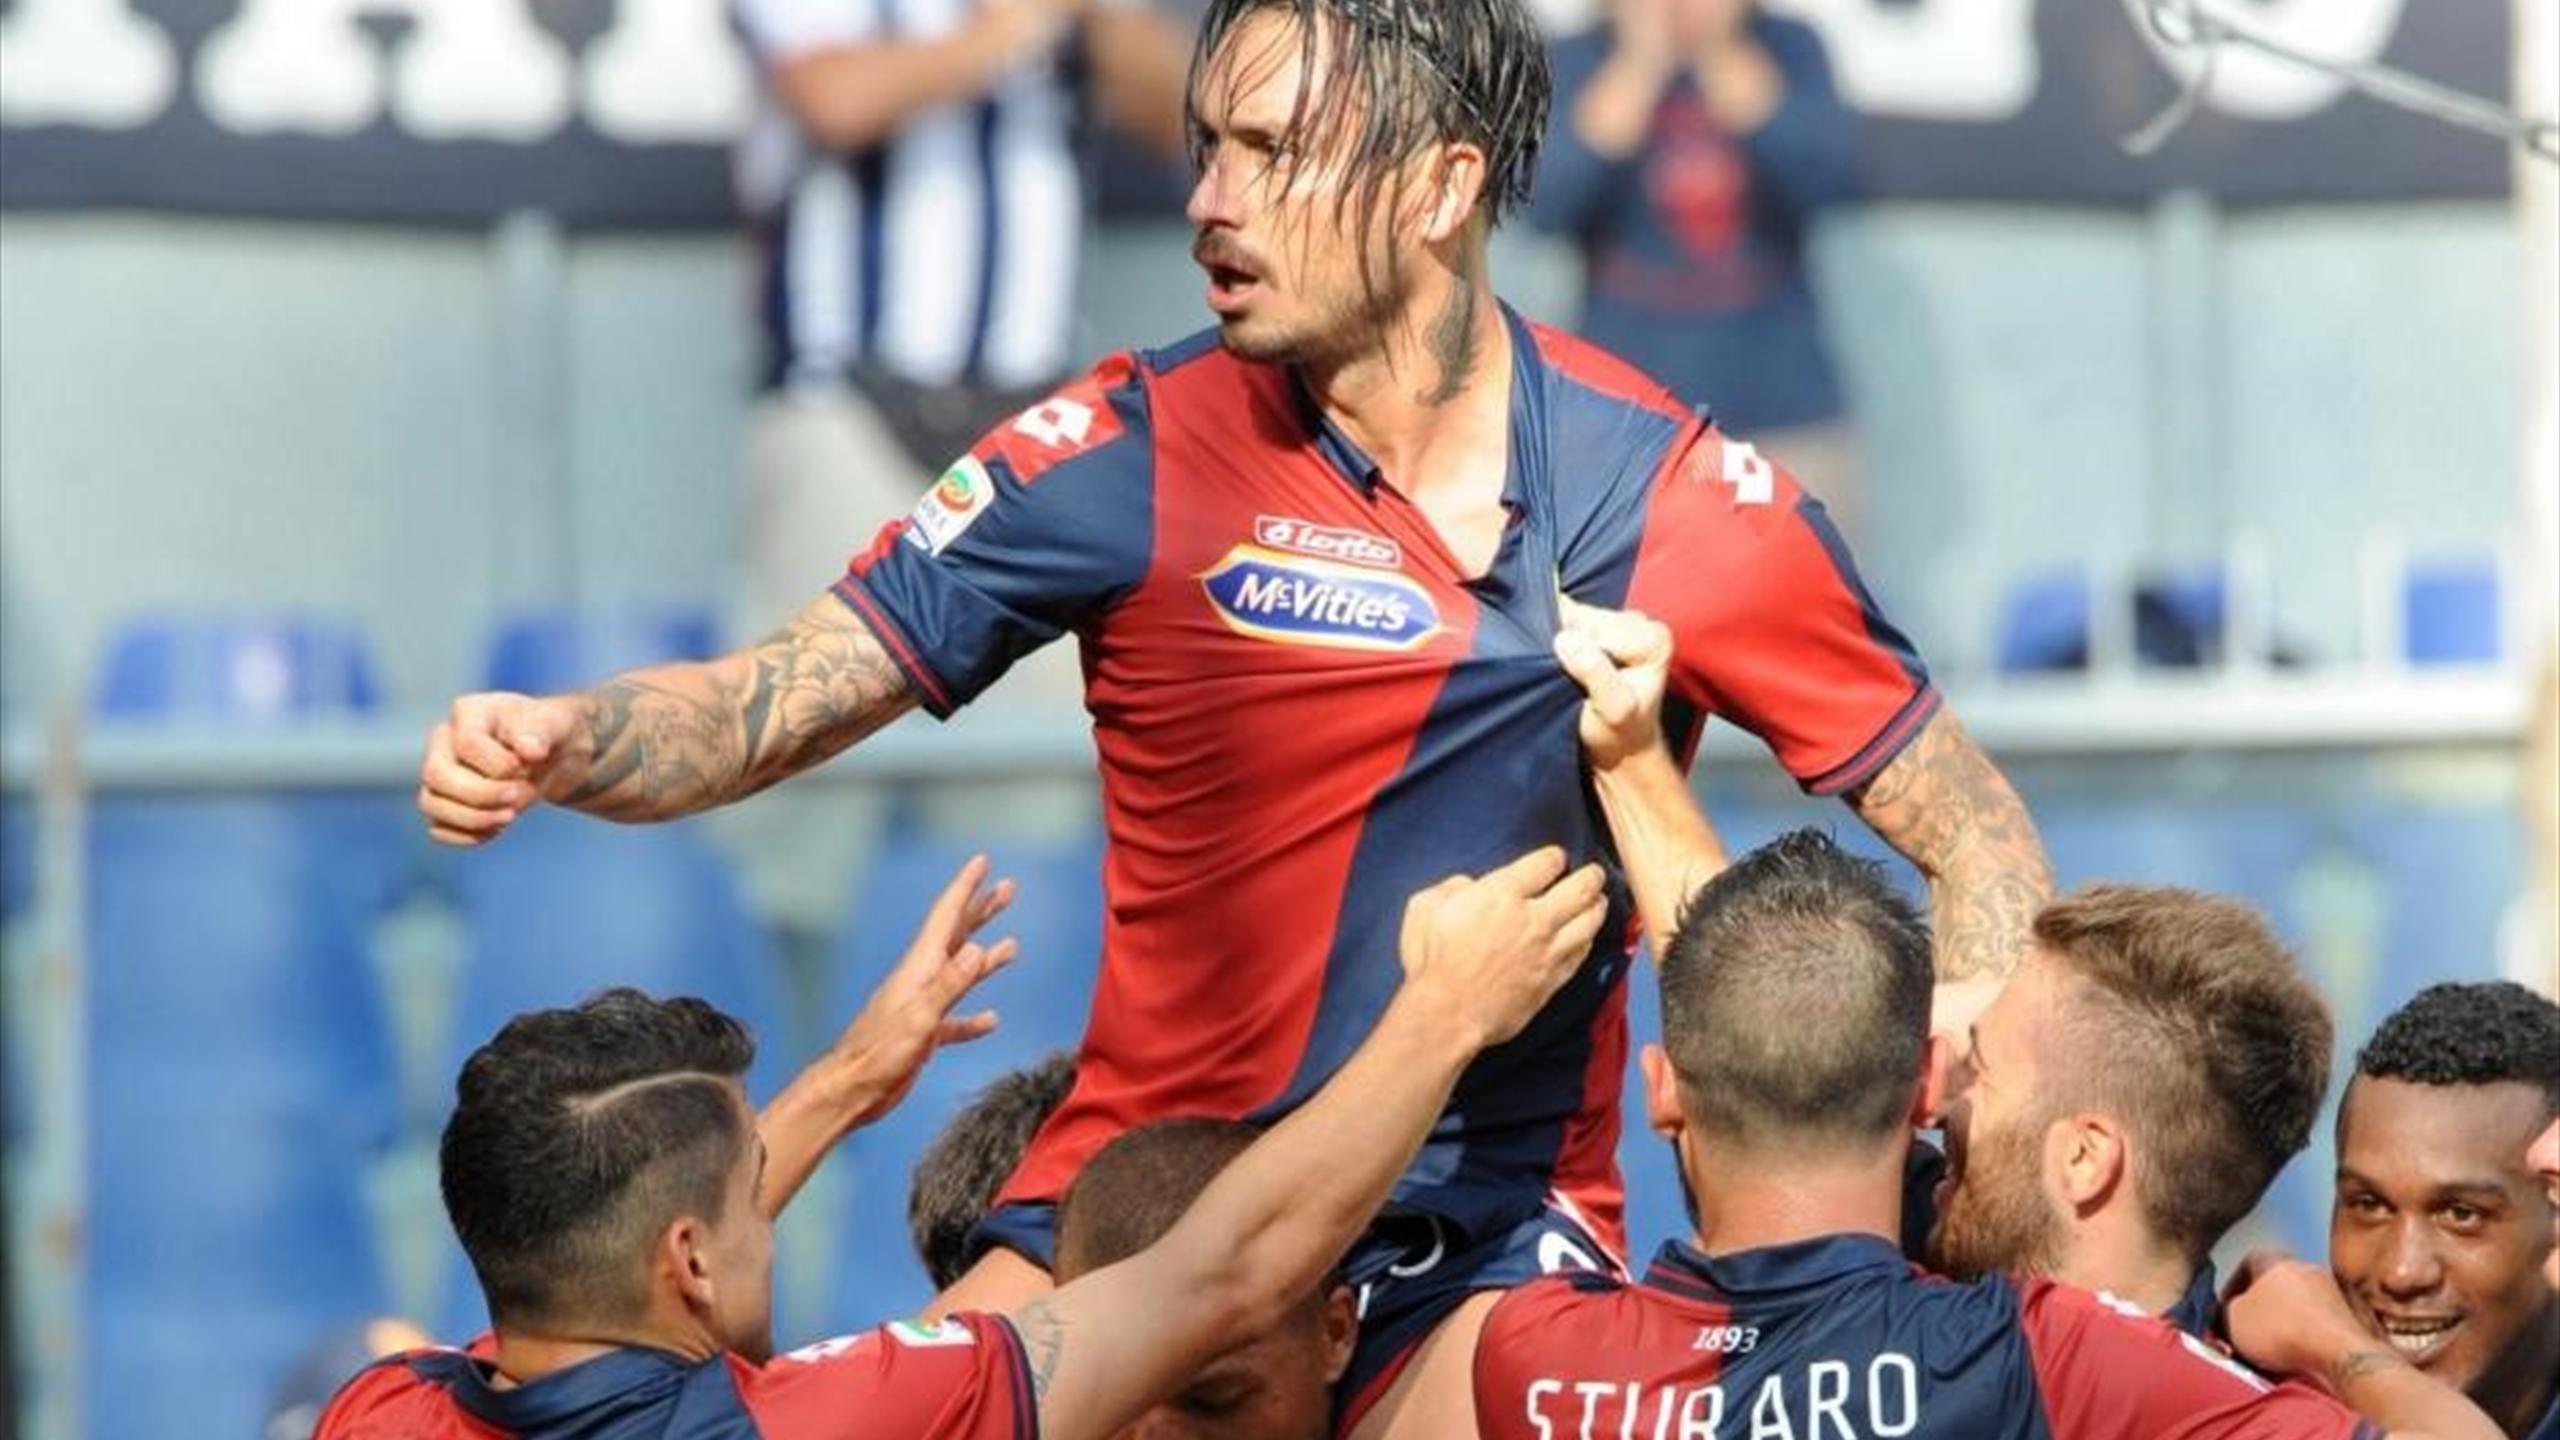 Video: Genoa vs Lazio